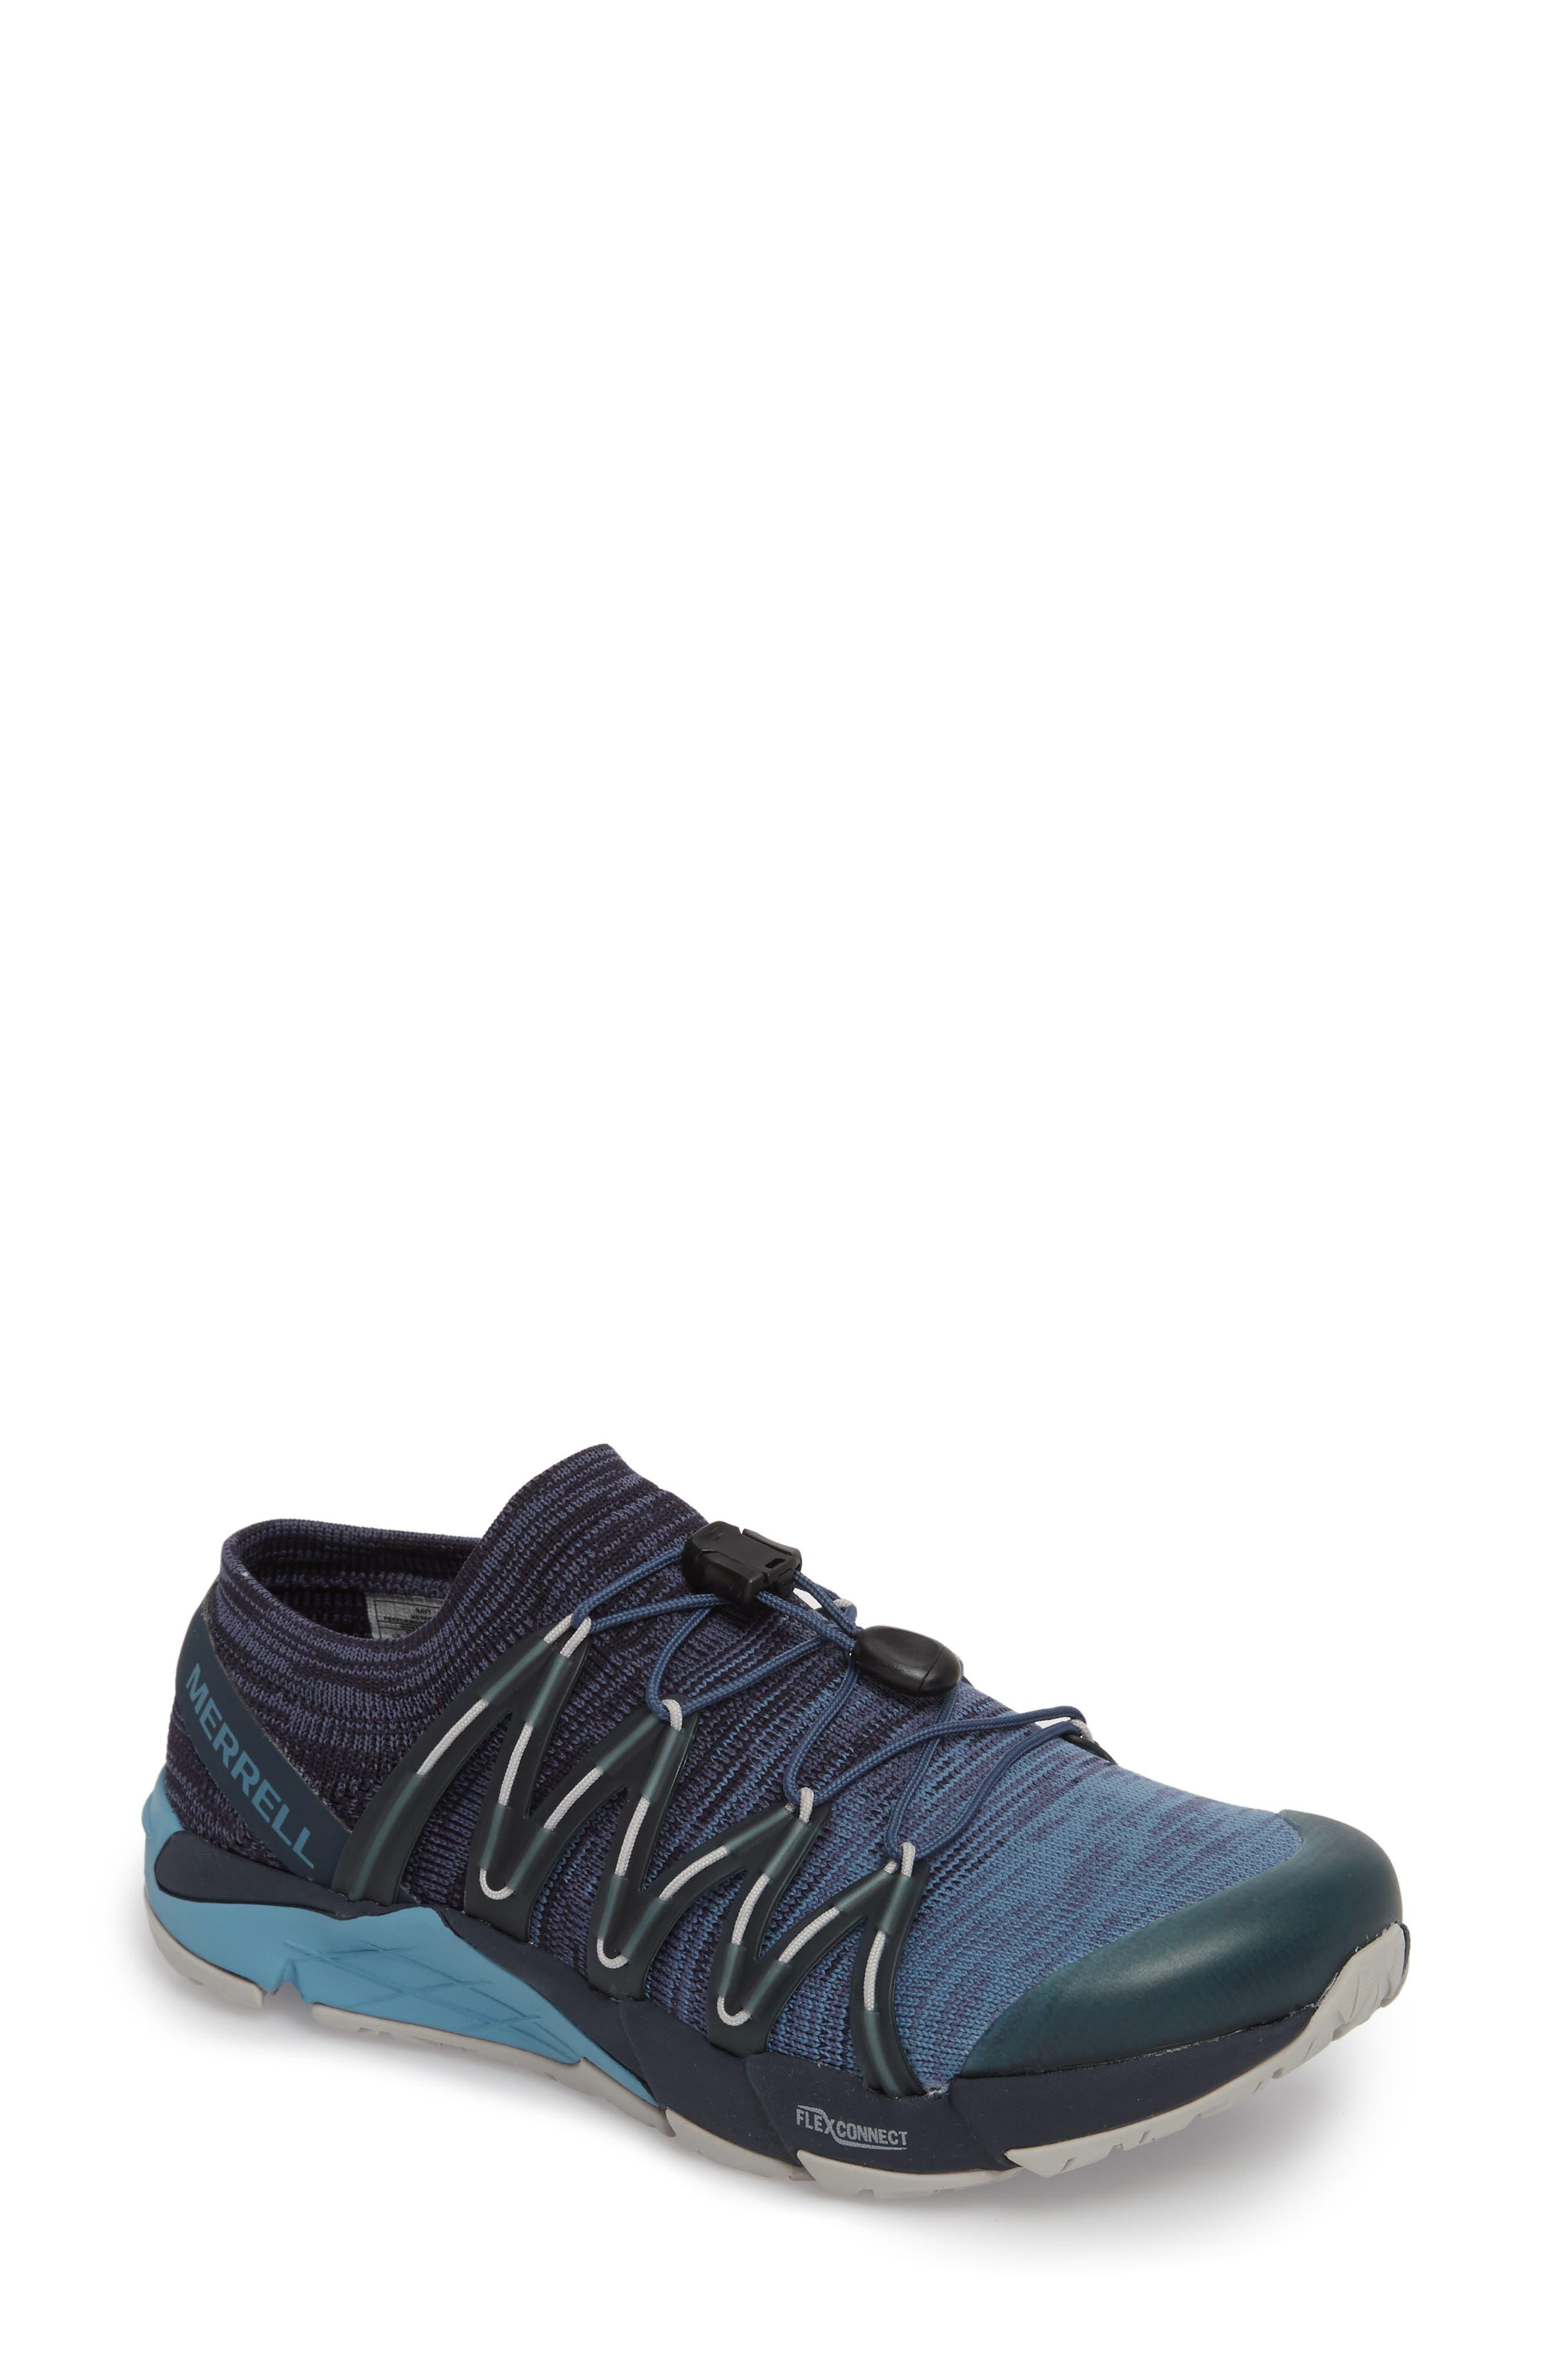 Merrell Bare Access Flex Knit Running Shoe (Women)